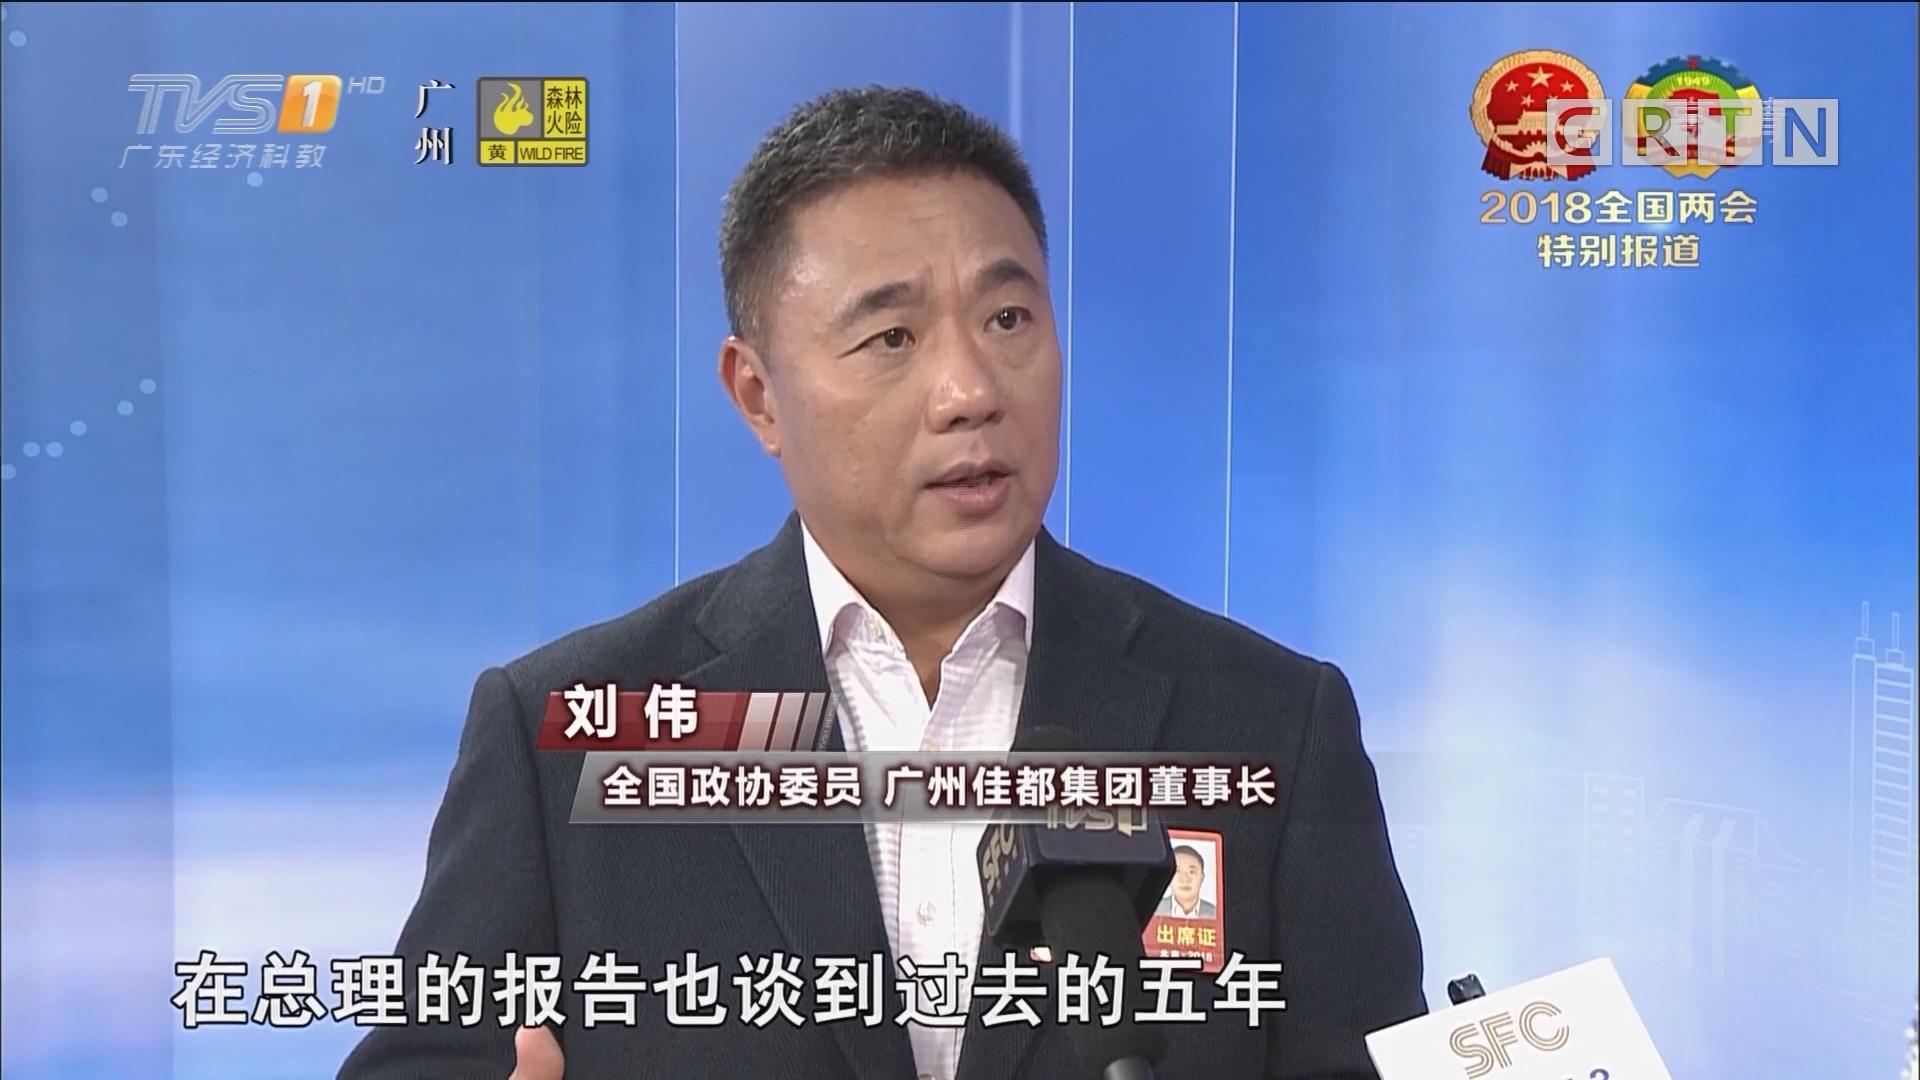 北京时间 专访全国政协委员刘伟:中国人工智能产业如何弯道超车